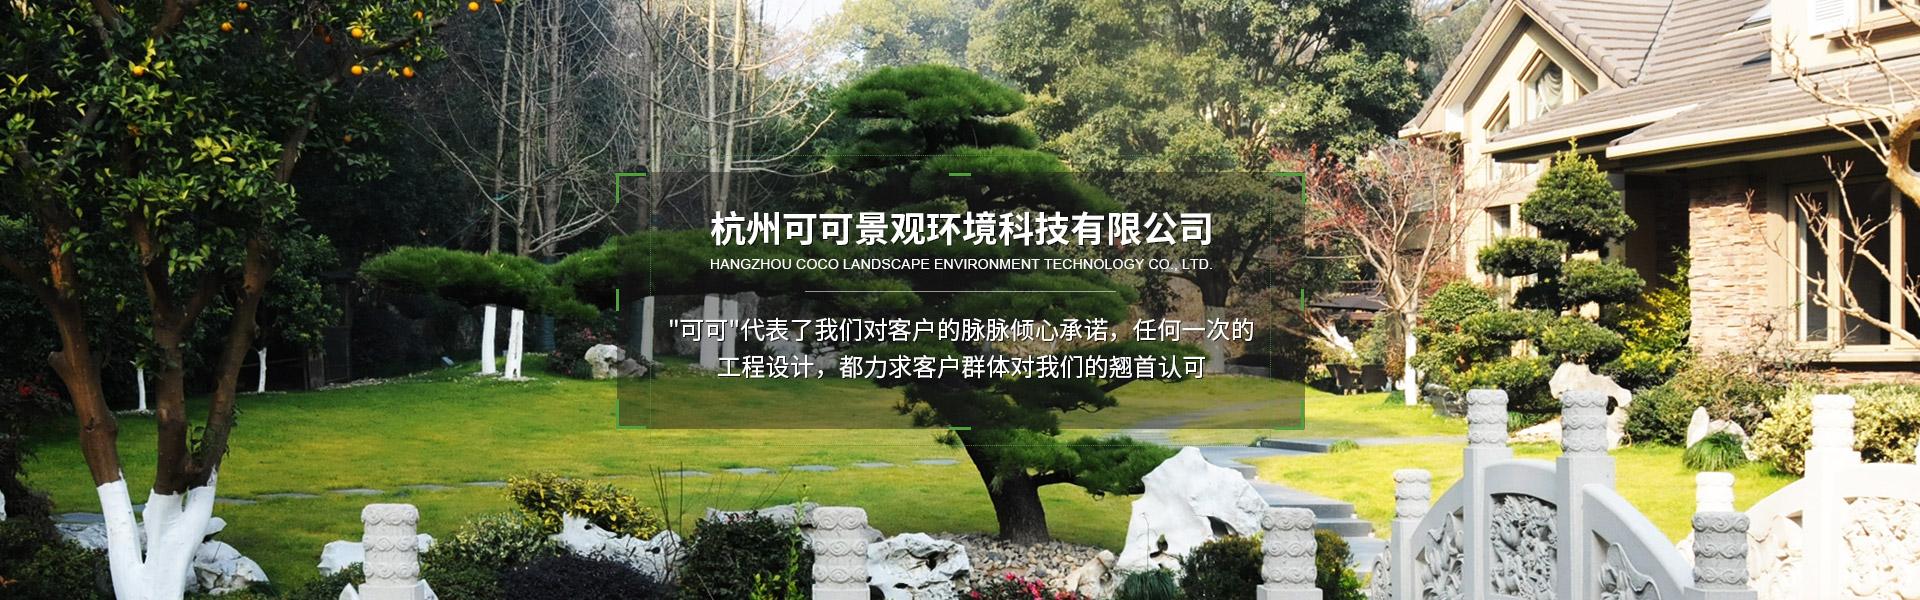 杭州可可景观环境科技有限公司